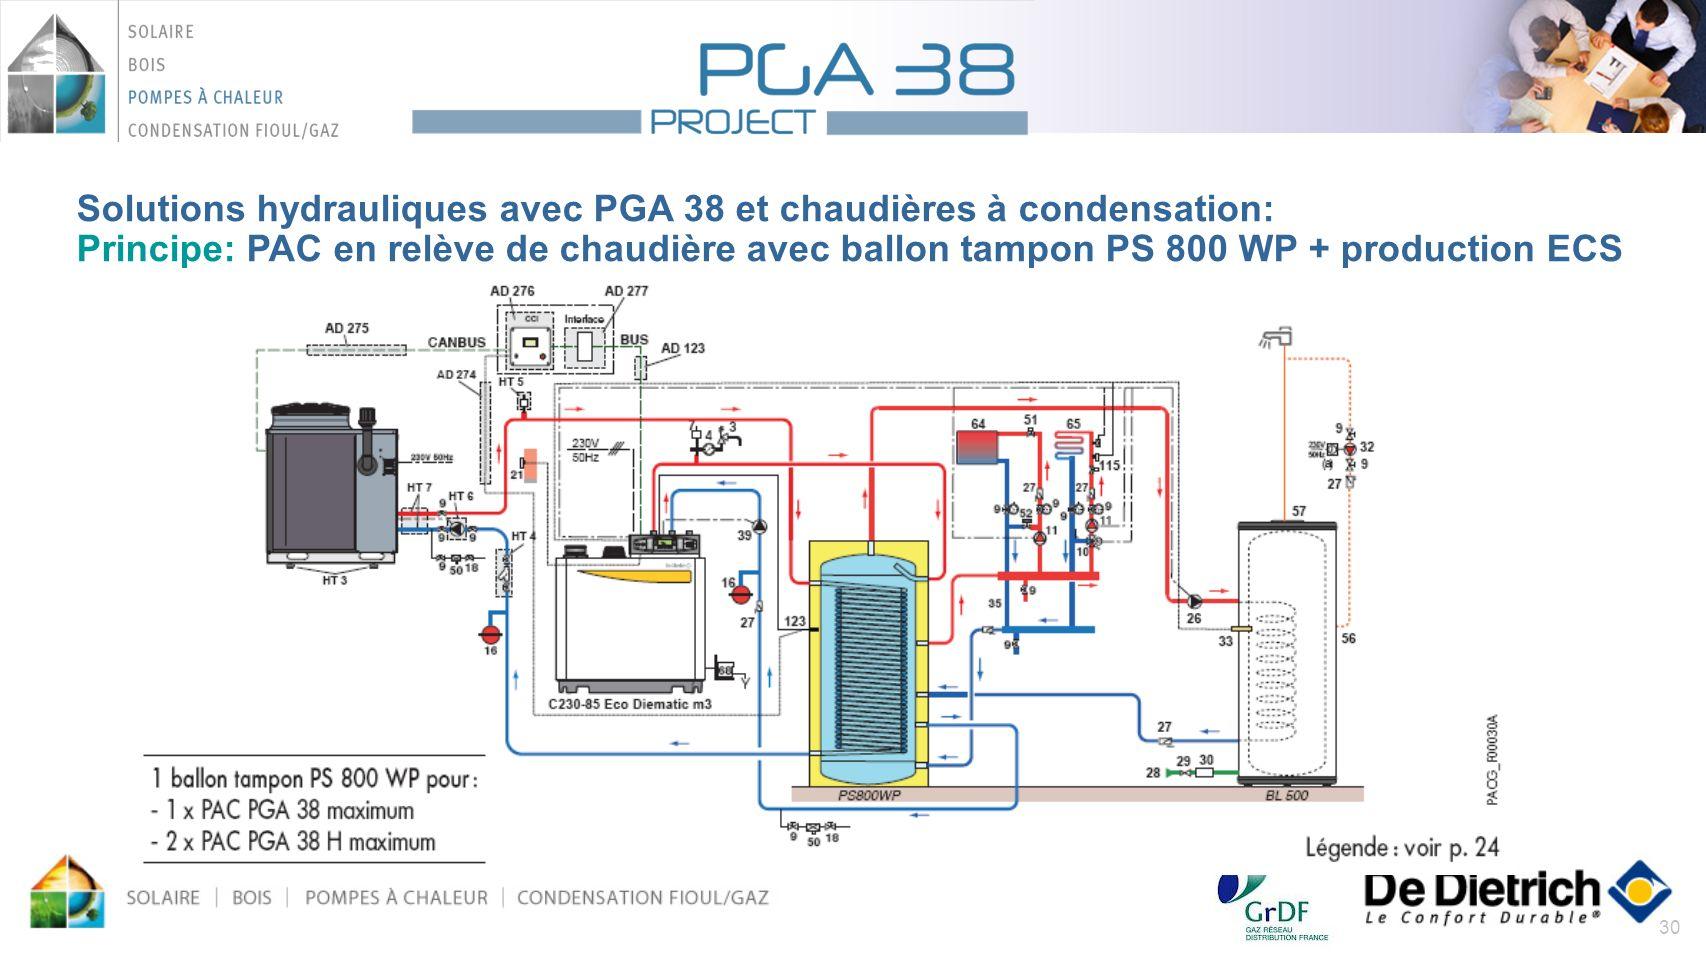 Solutions hydrauliques avec PGA 38 et chaudières à condensation: Principe: PAC en relève de chaudière avec ballon tampon PS 800 WP + production ECS